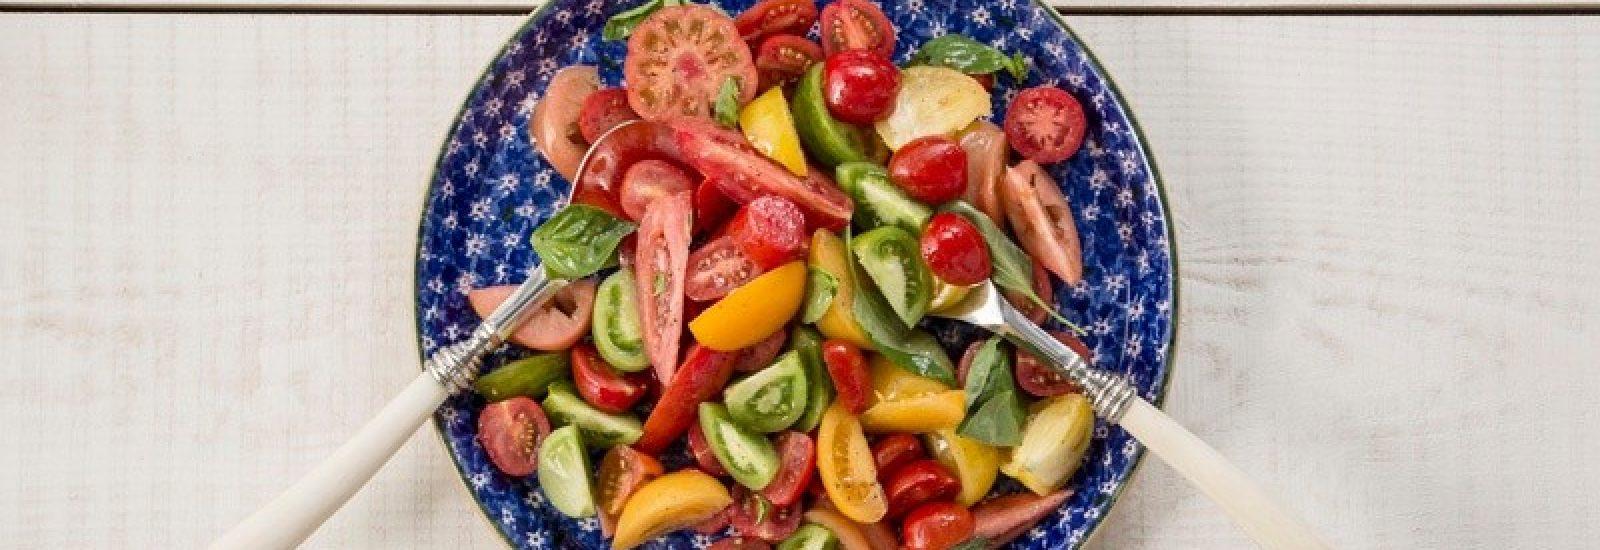 Heirloom tomato and basil salad